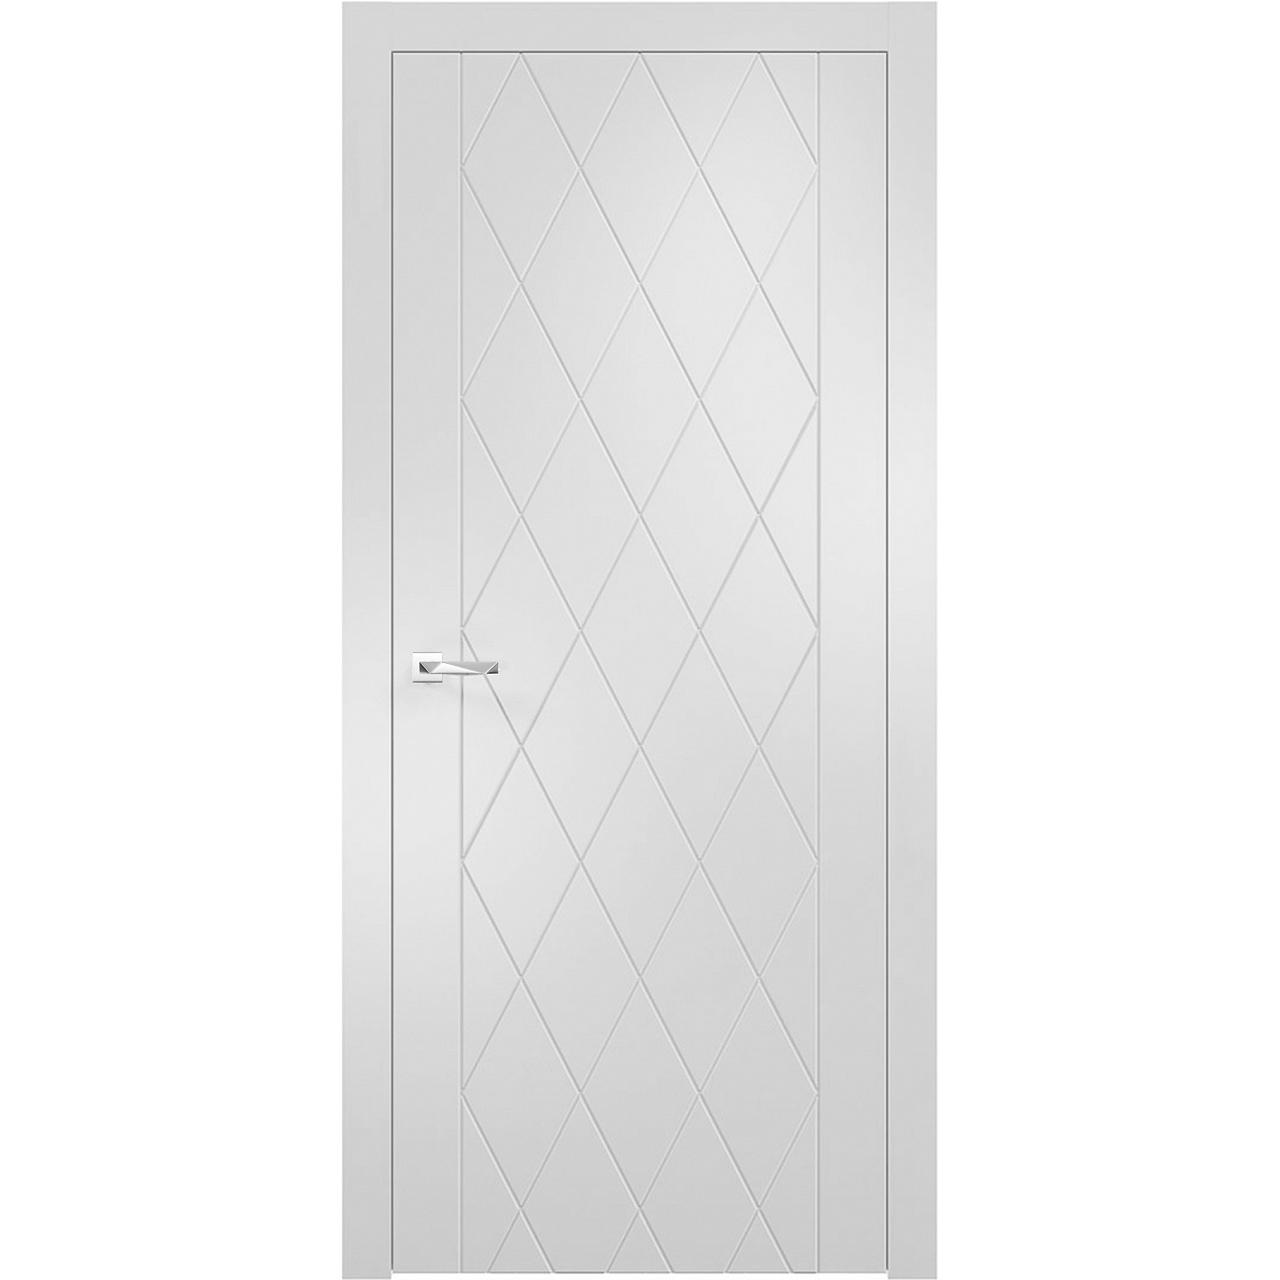 Межкомнатная дверь эмалит «Севилья 10» (глухая)